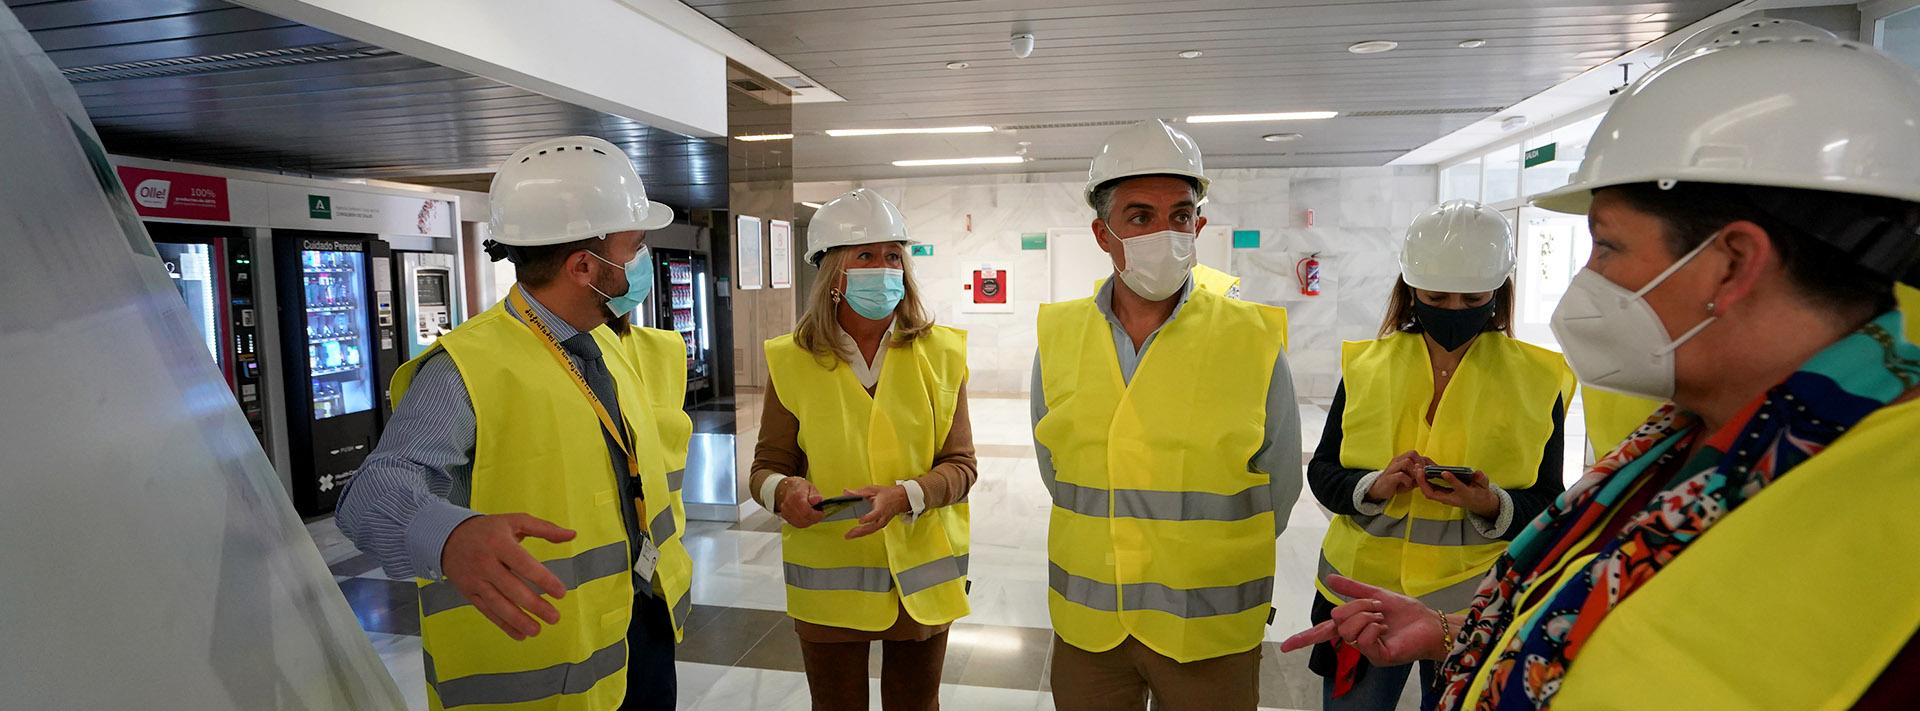 Según la alcaldesa, la ampliación del Hospital Costa del Sol tendrá una inversión de 75 millones de euros